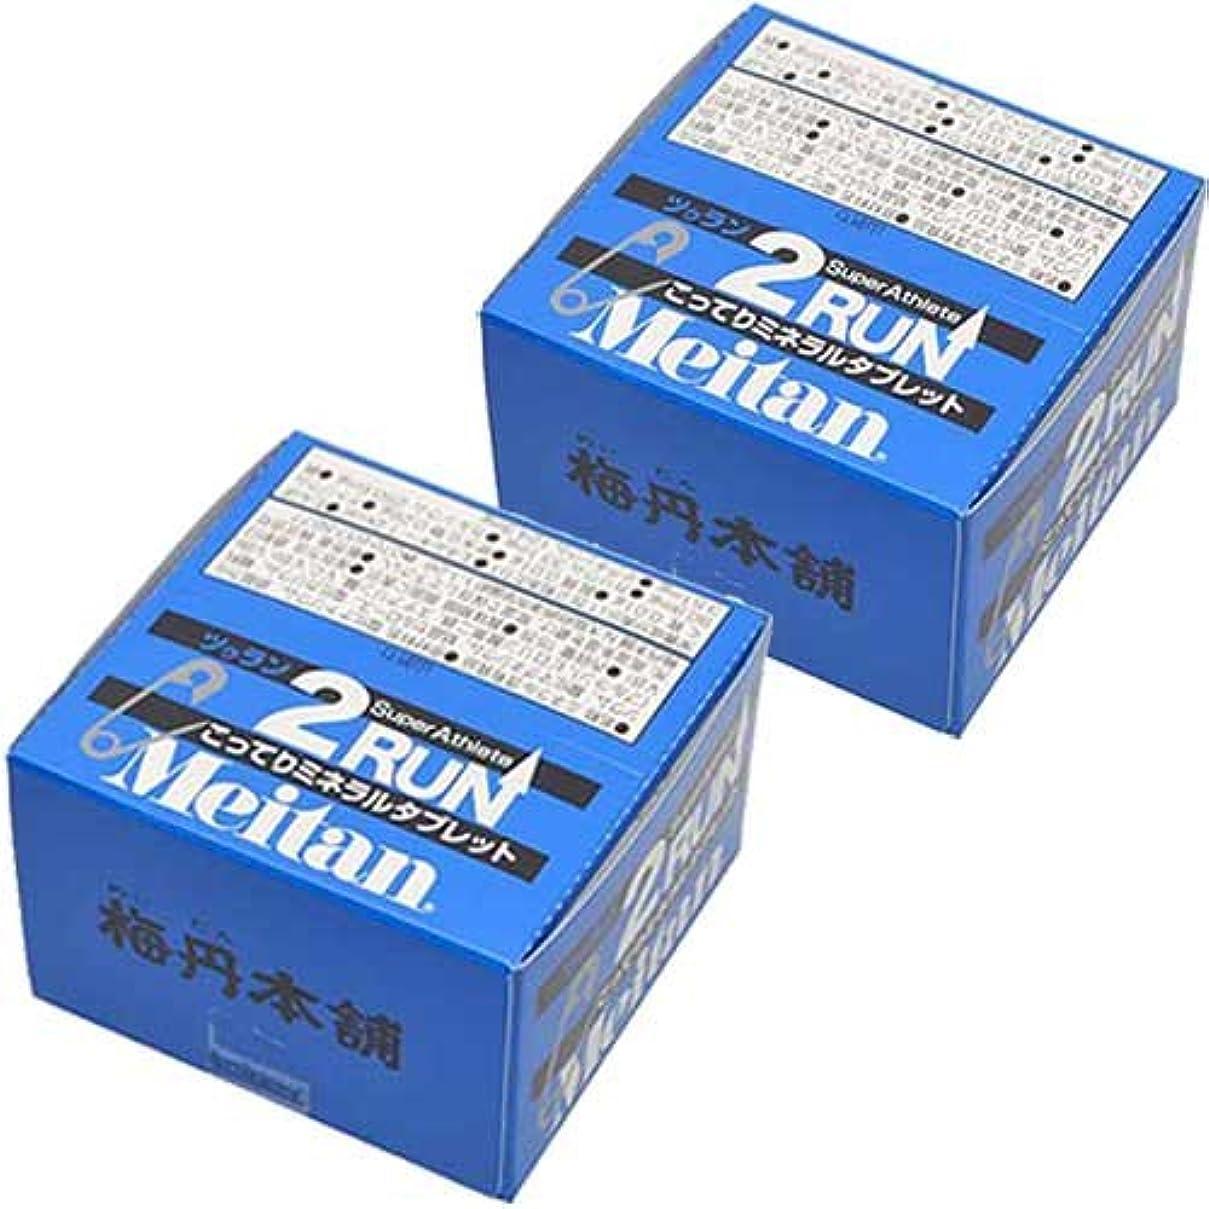 品どこか答え[梅丹本舗] メイタン ツーラン 2RUN 2粒×30袋